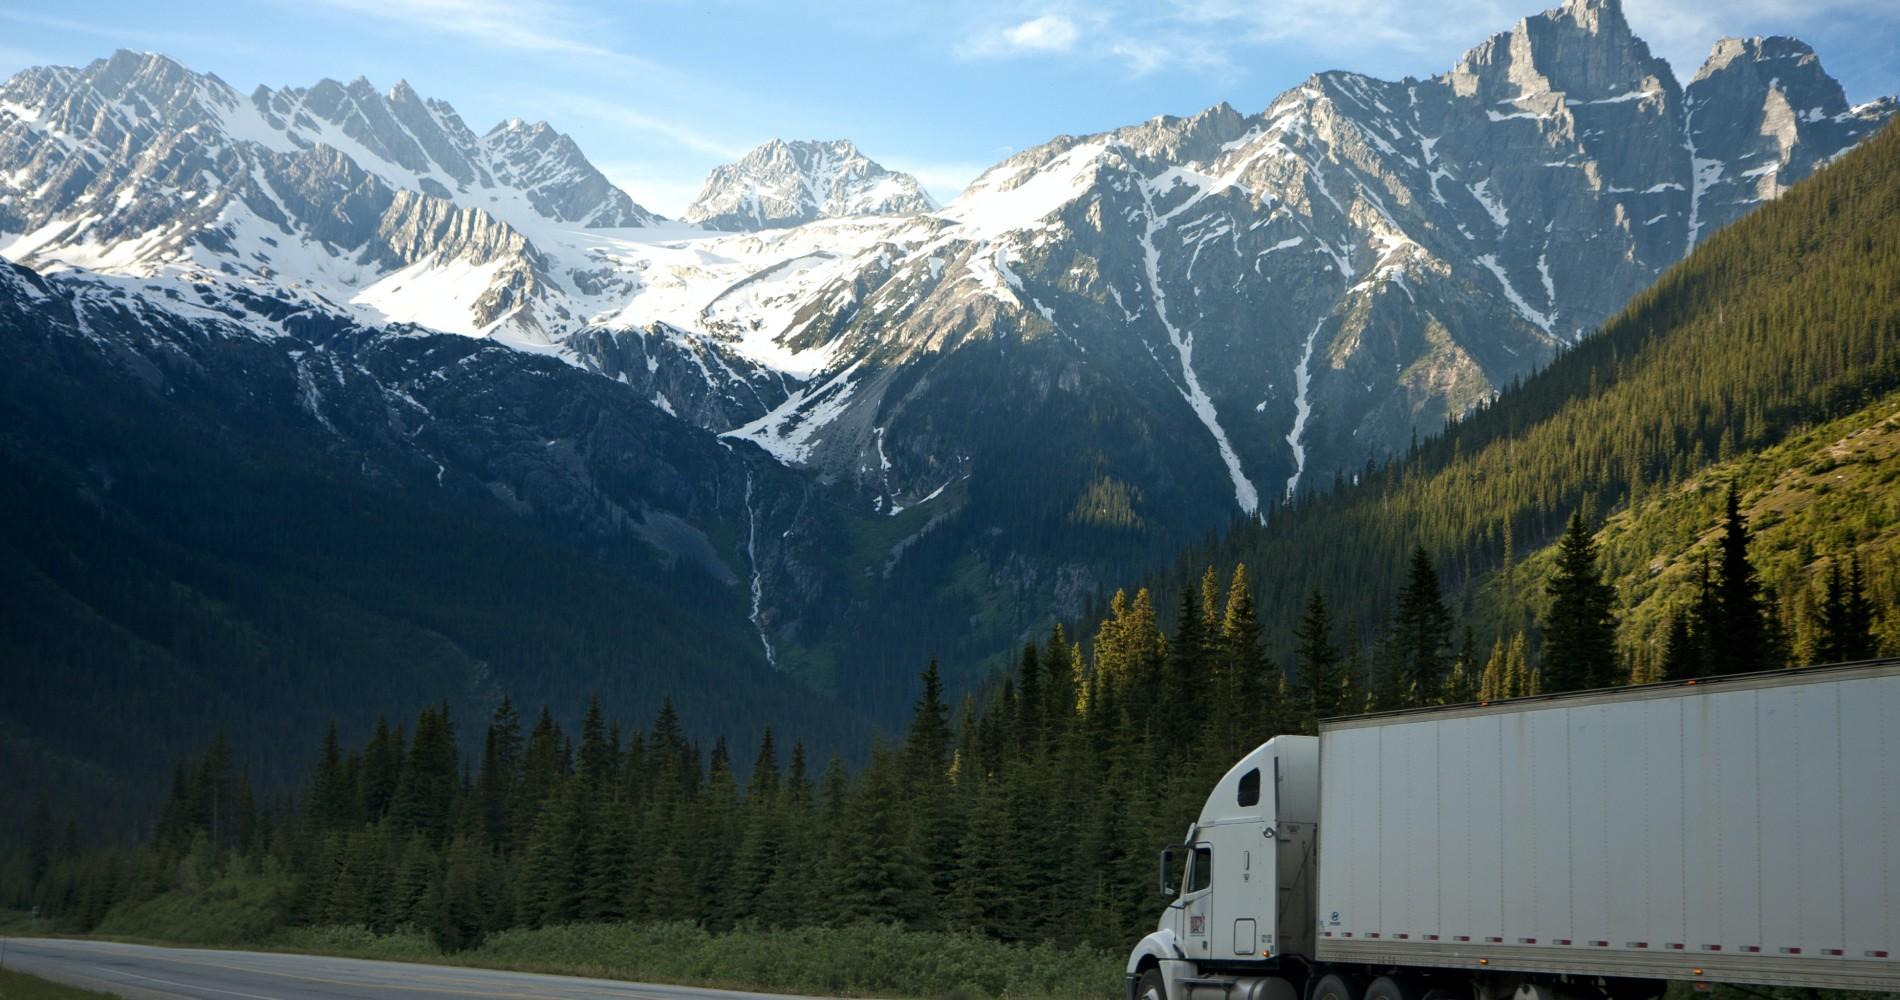 Road Frieght Transportation